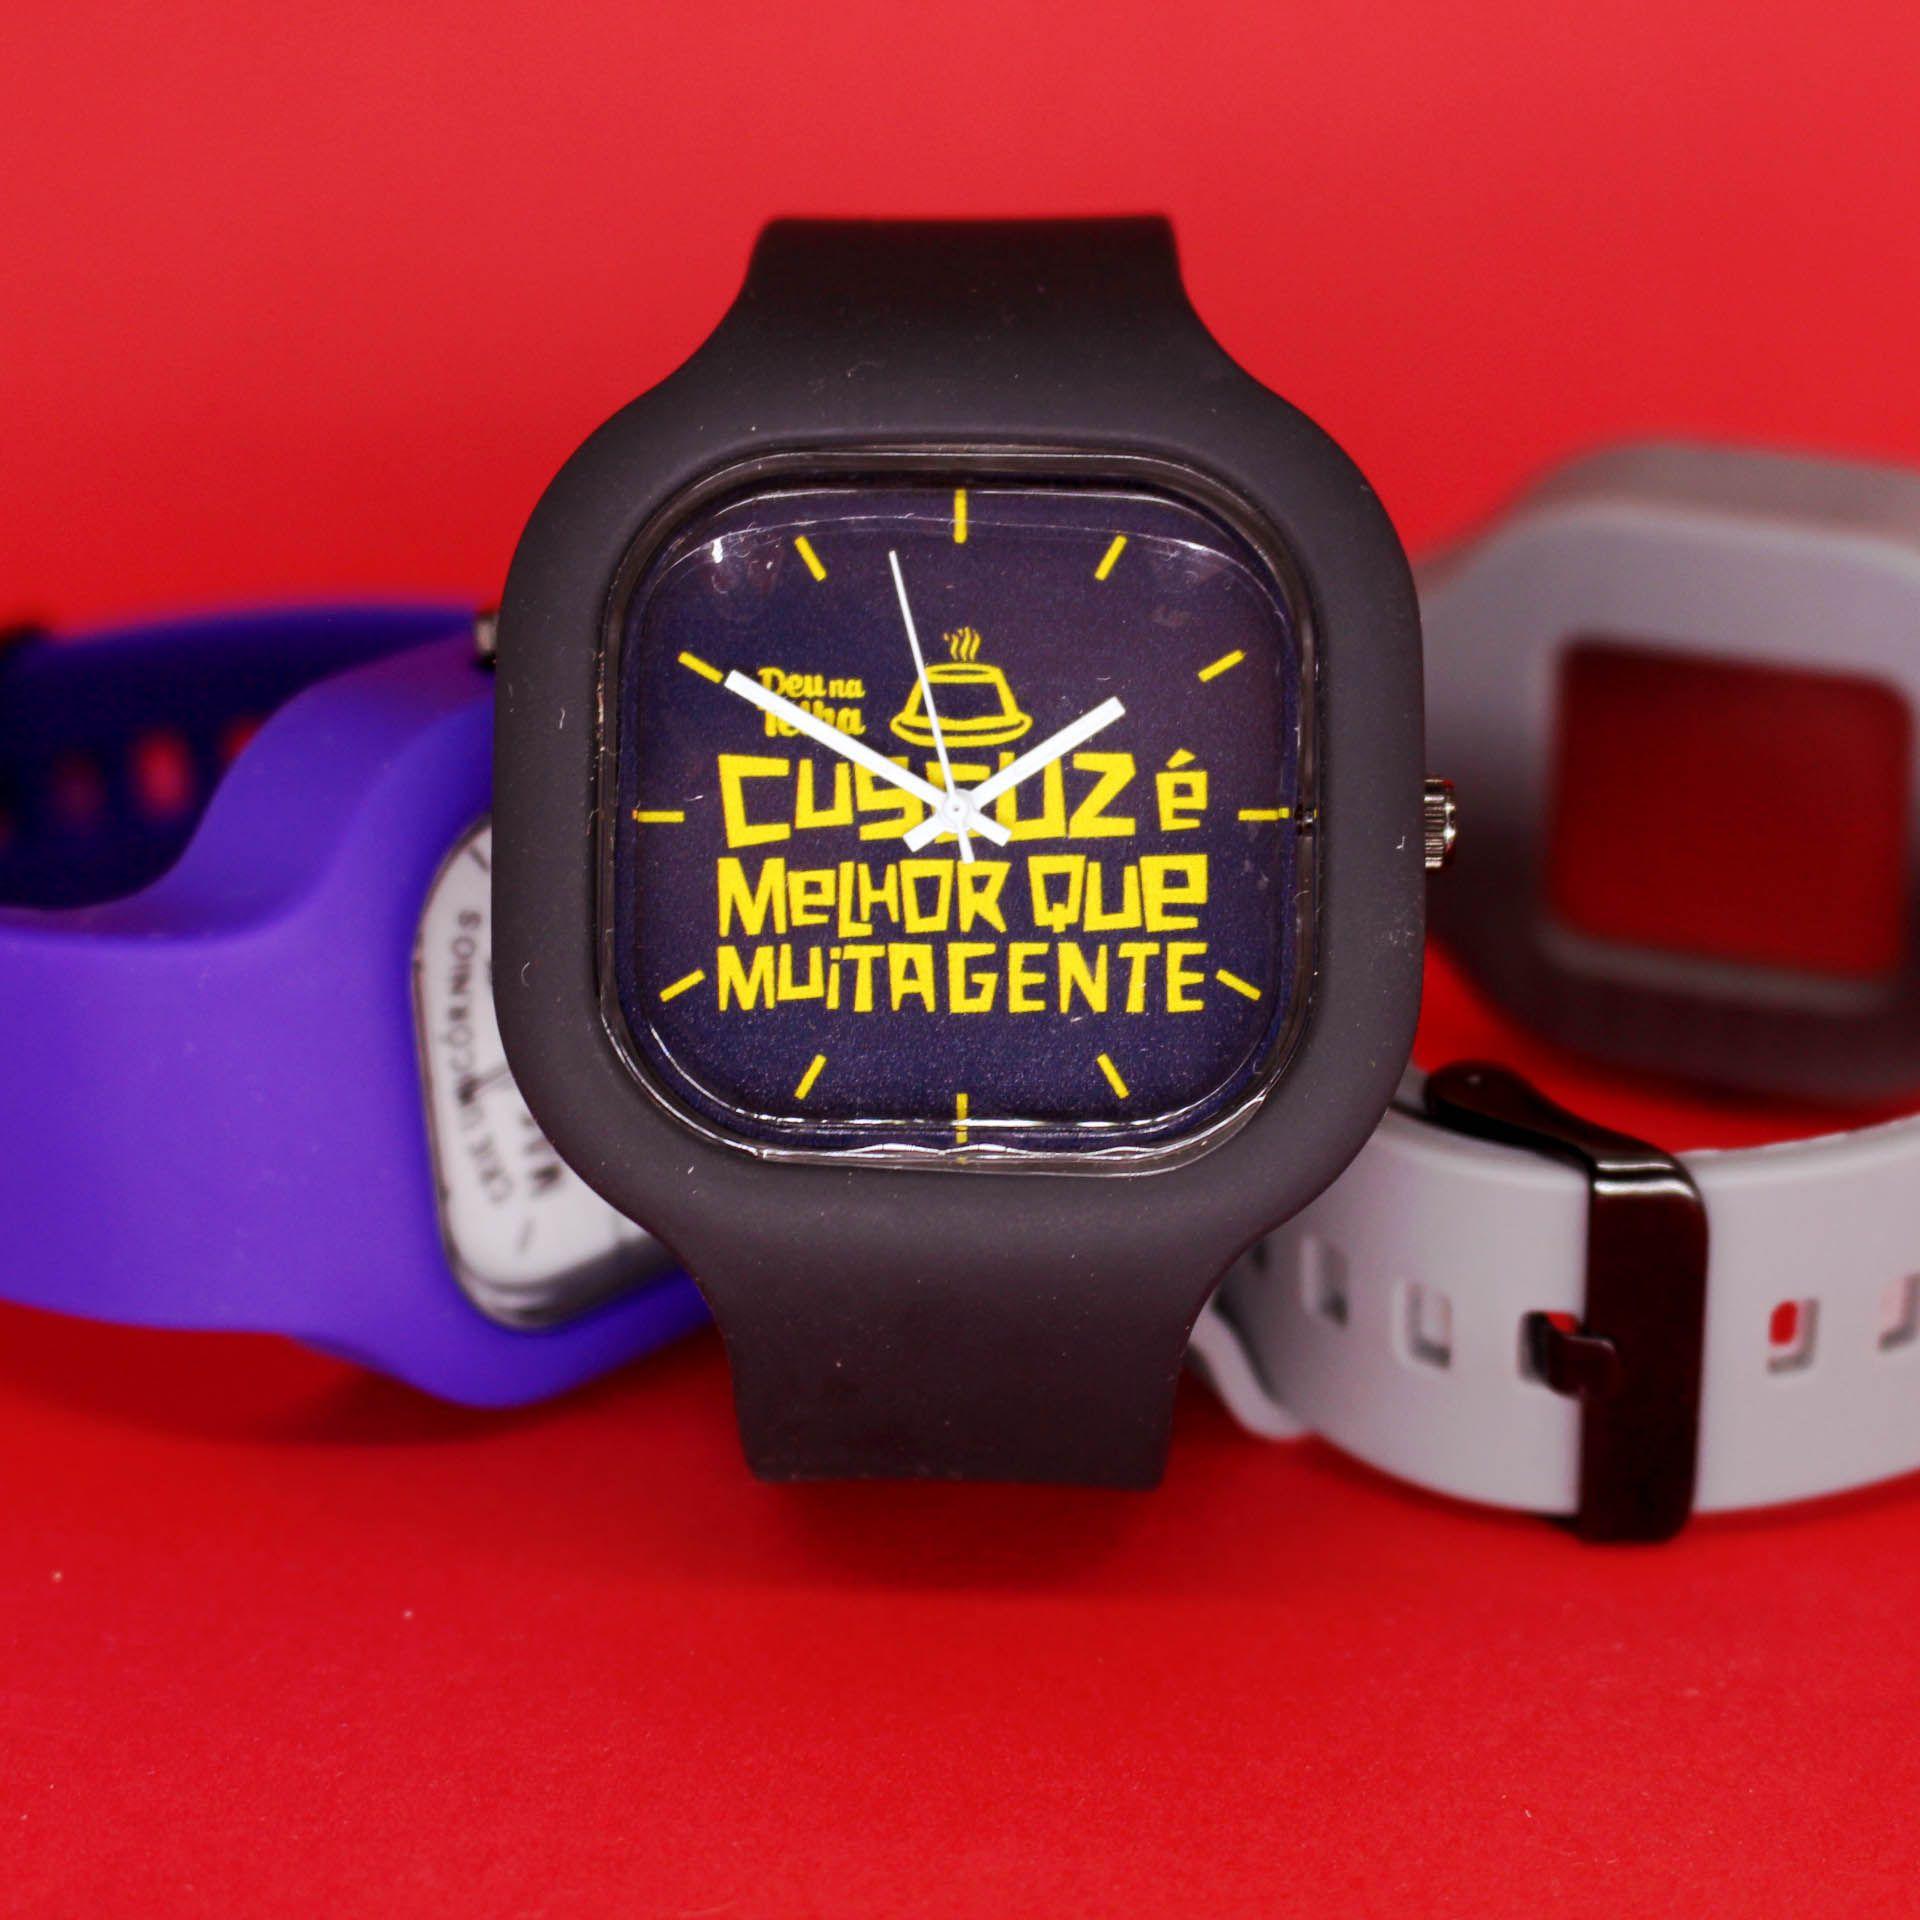 Relógio Cuscuz é melhor que muita gente